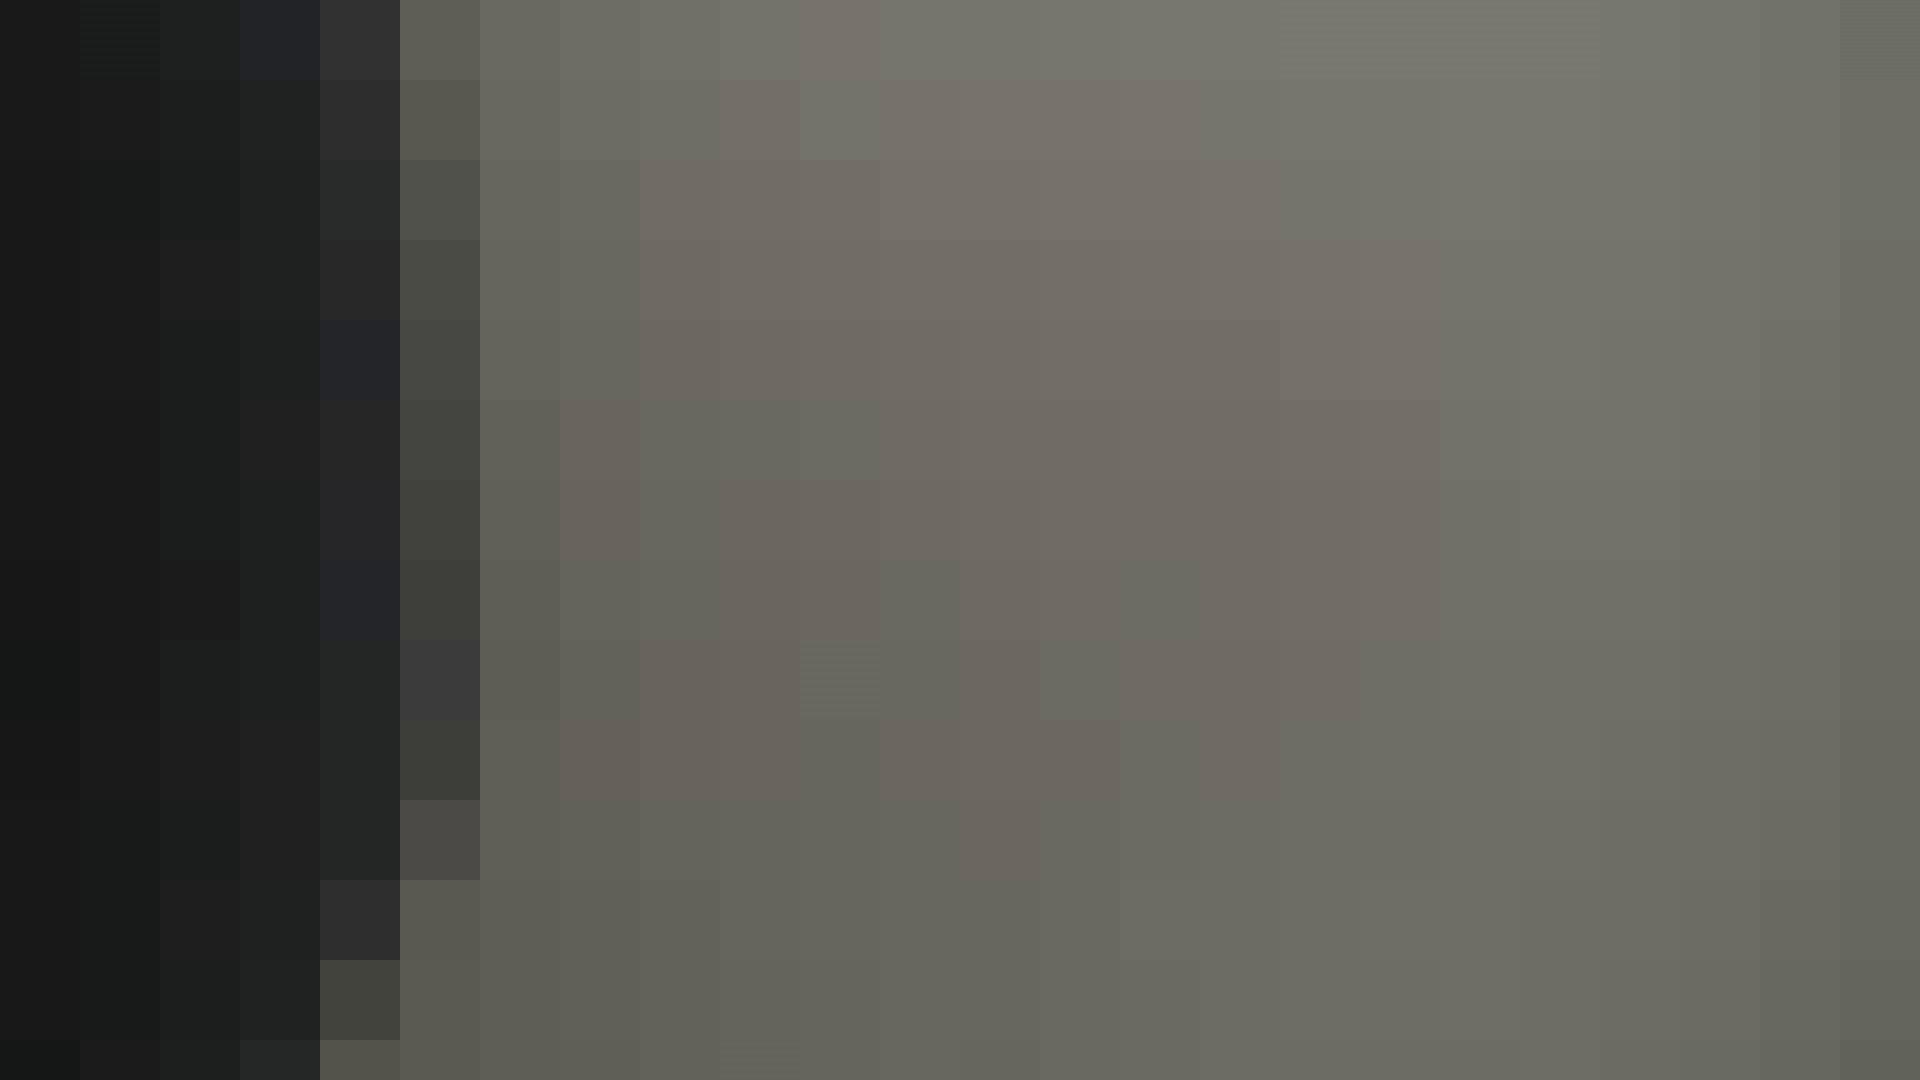 お市さんの「お尻丸出しジャンボリー」No.4 高画質動画 スケベ動画紹介 83画像 68